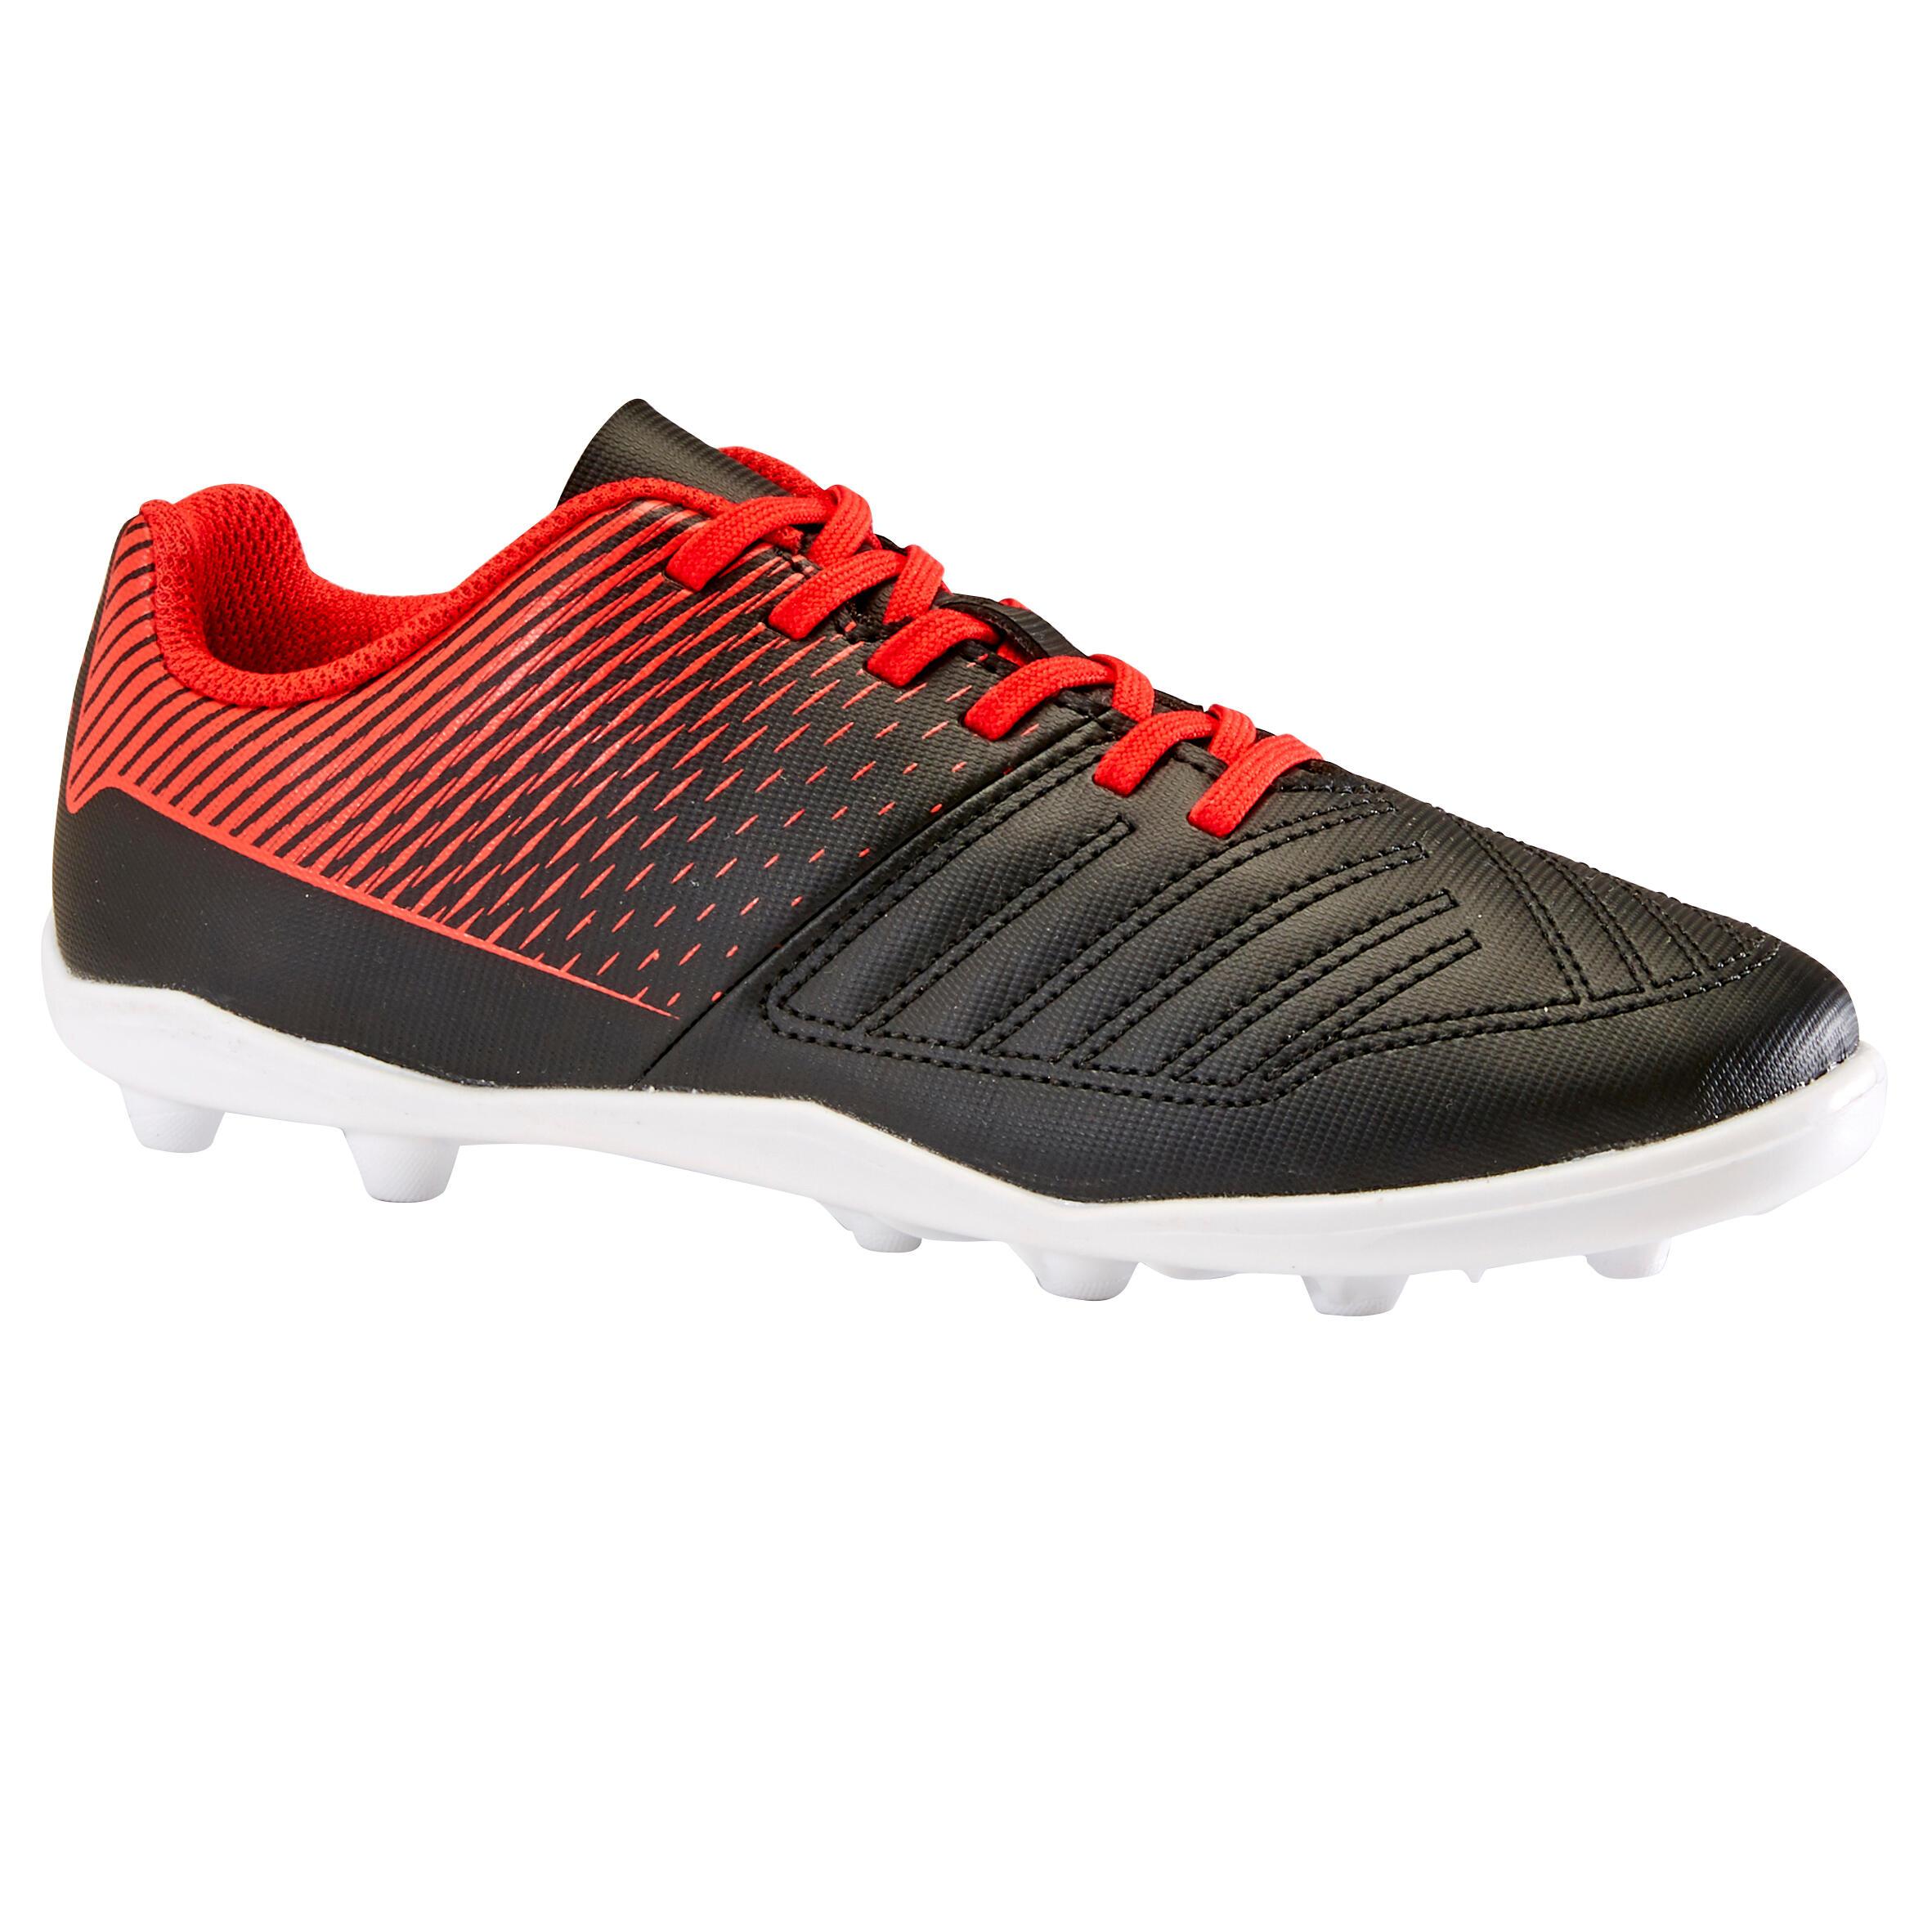 Hard Ground Football Boots Agility 100